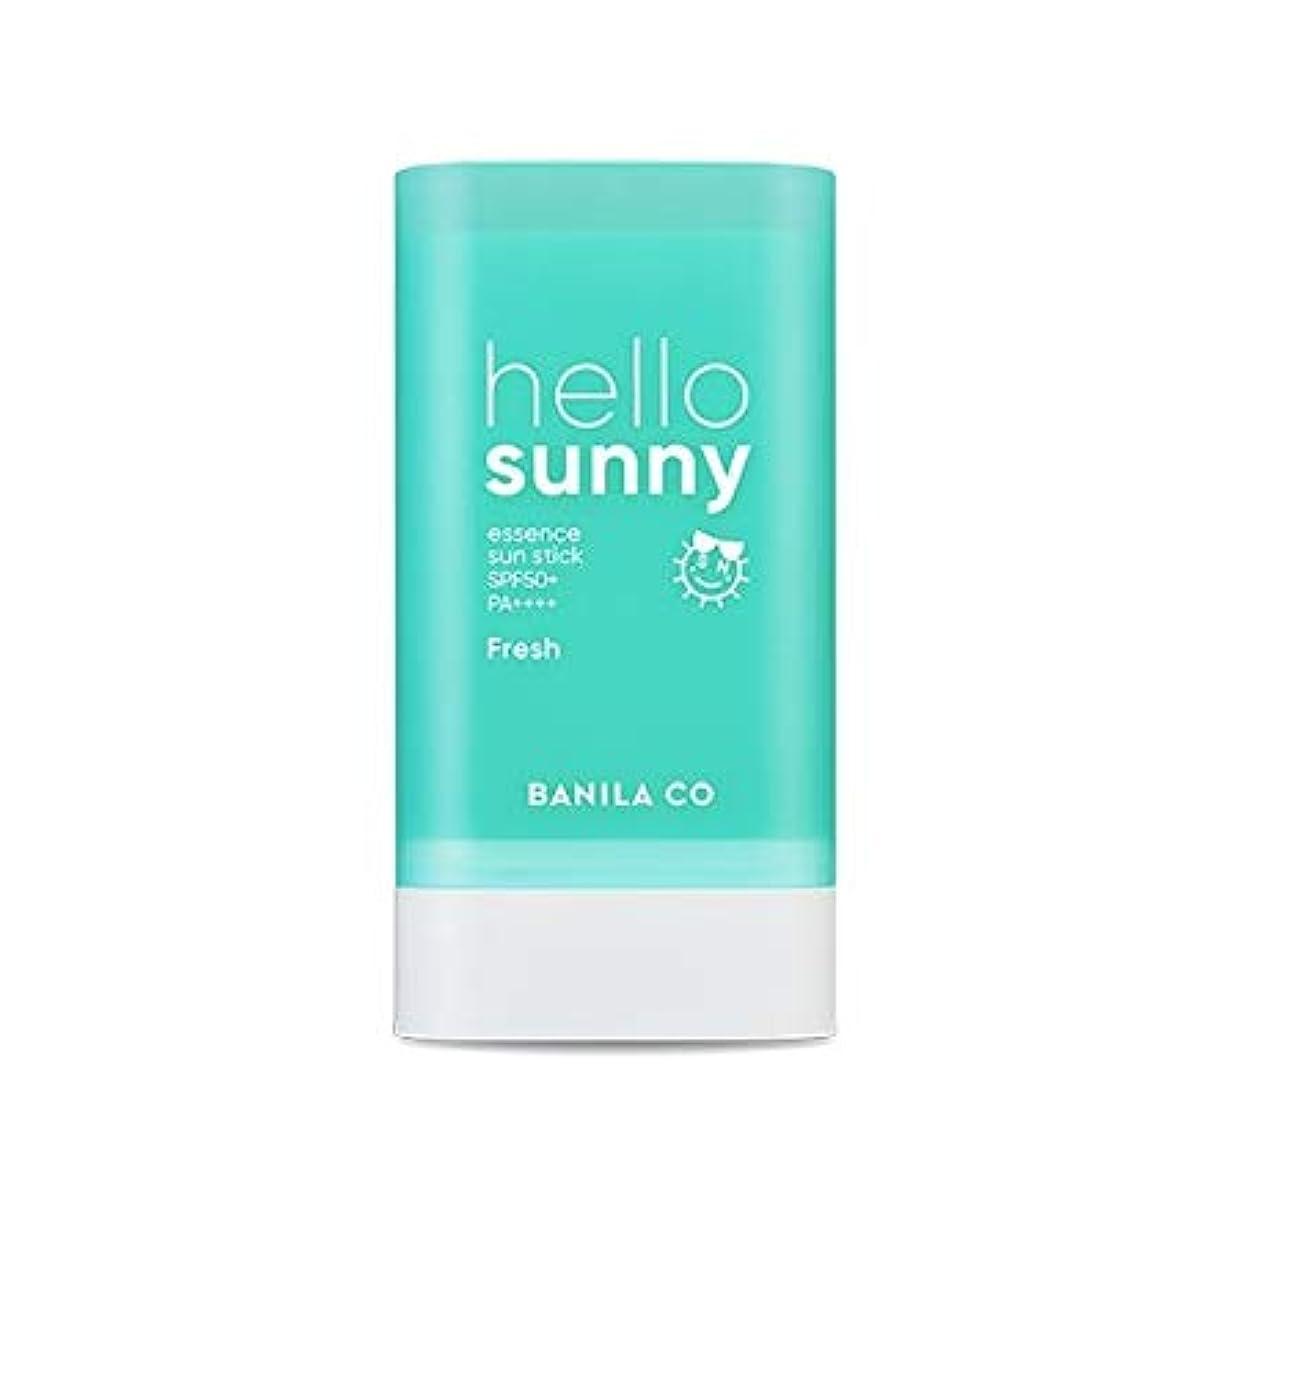 補正ピルファー防衛banilaco ハローサニーエッセンスサンスティックフレッシュ/Hello Sunny Essence SunStick Fresh 18.5g [並行輸入品]